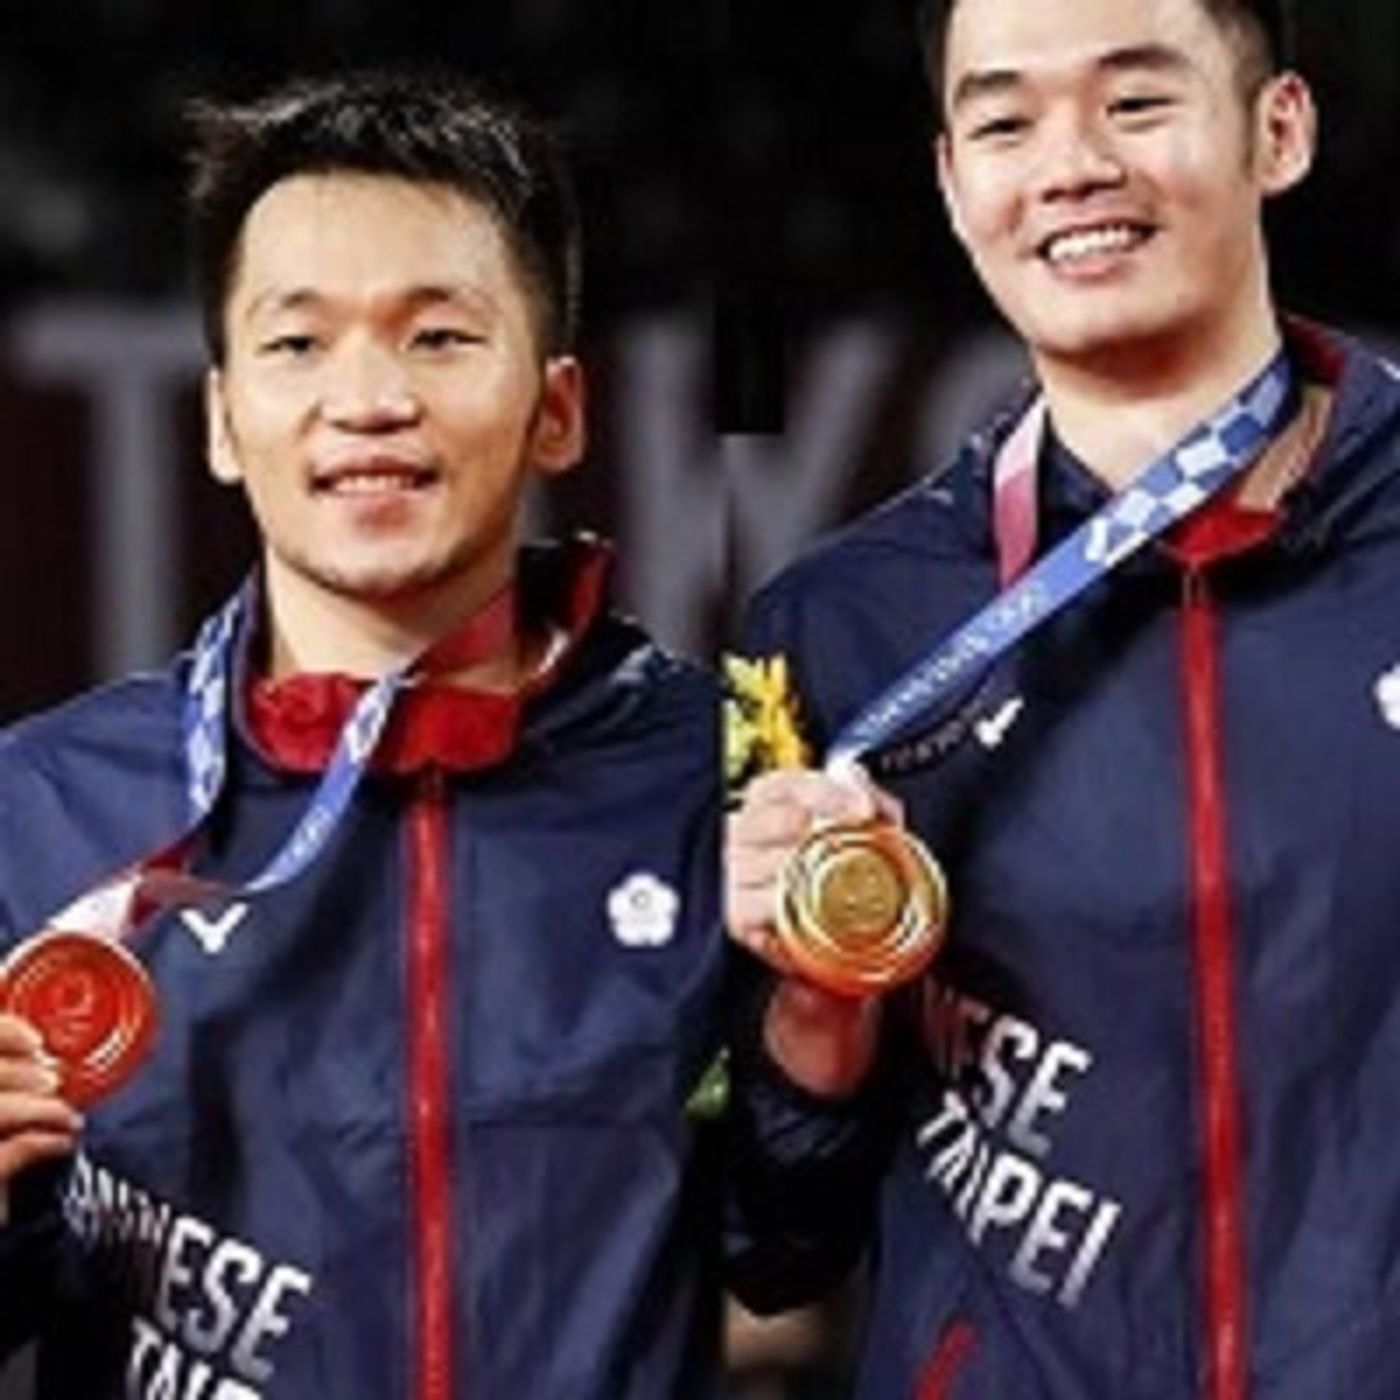 Taiwan ha vinto 10 medaglie alle olimpiadi, ma...